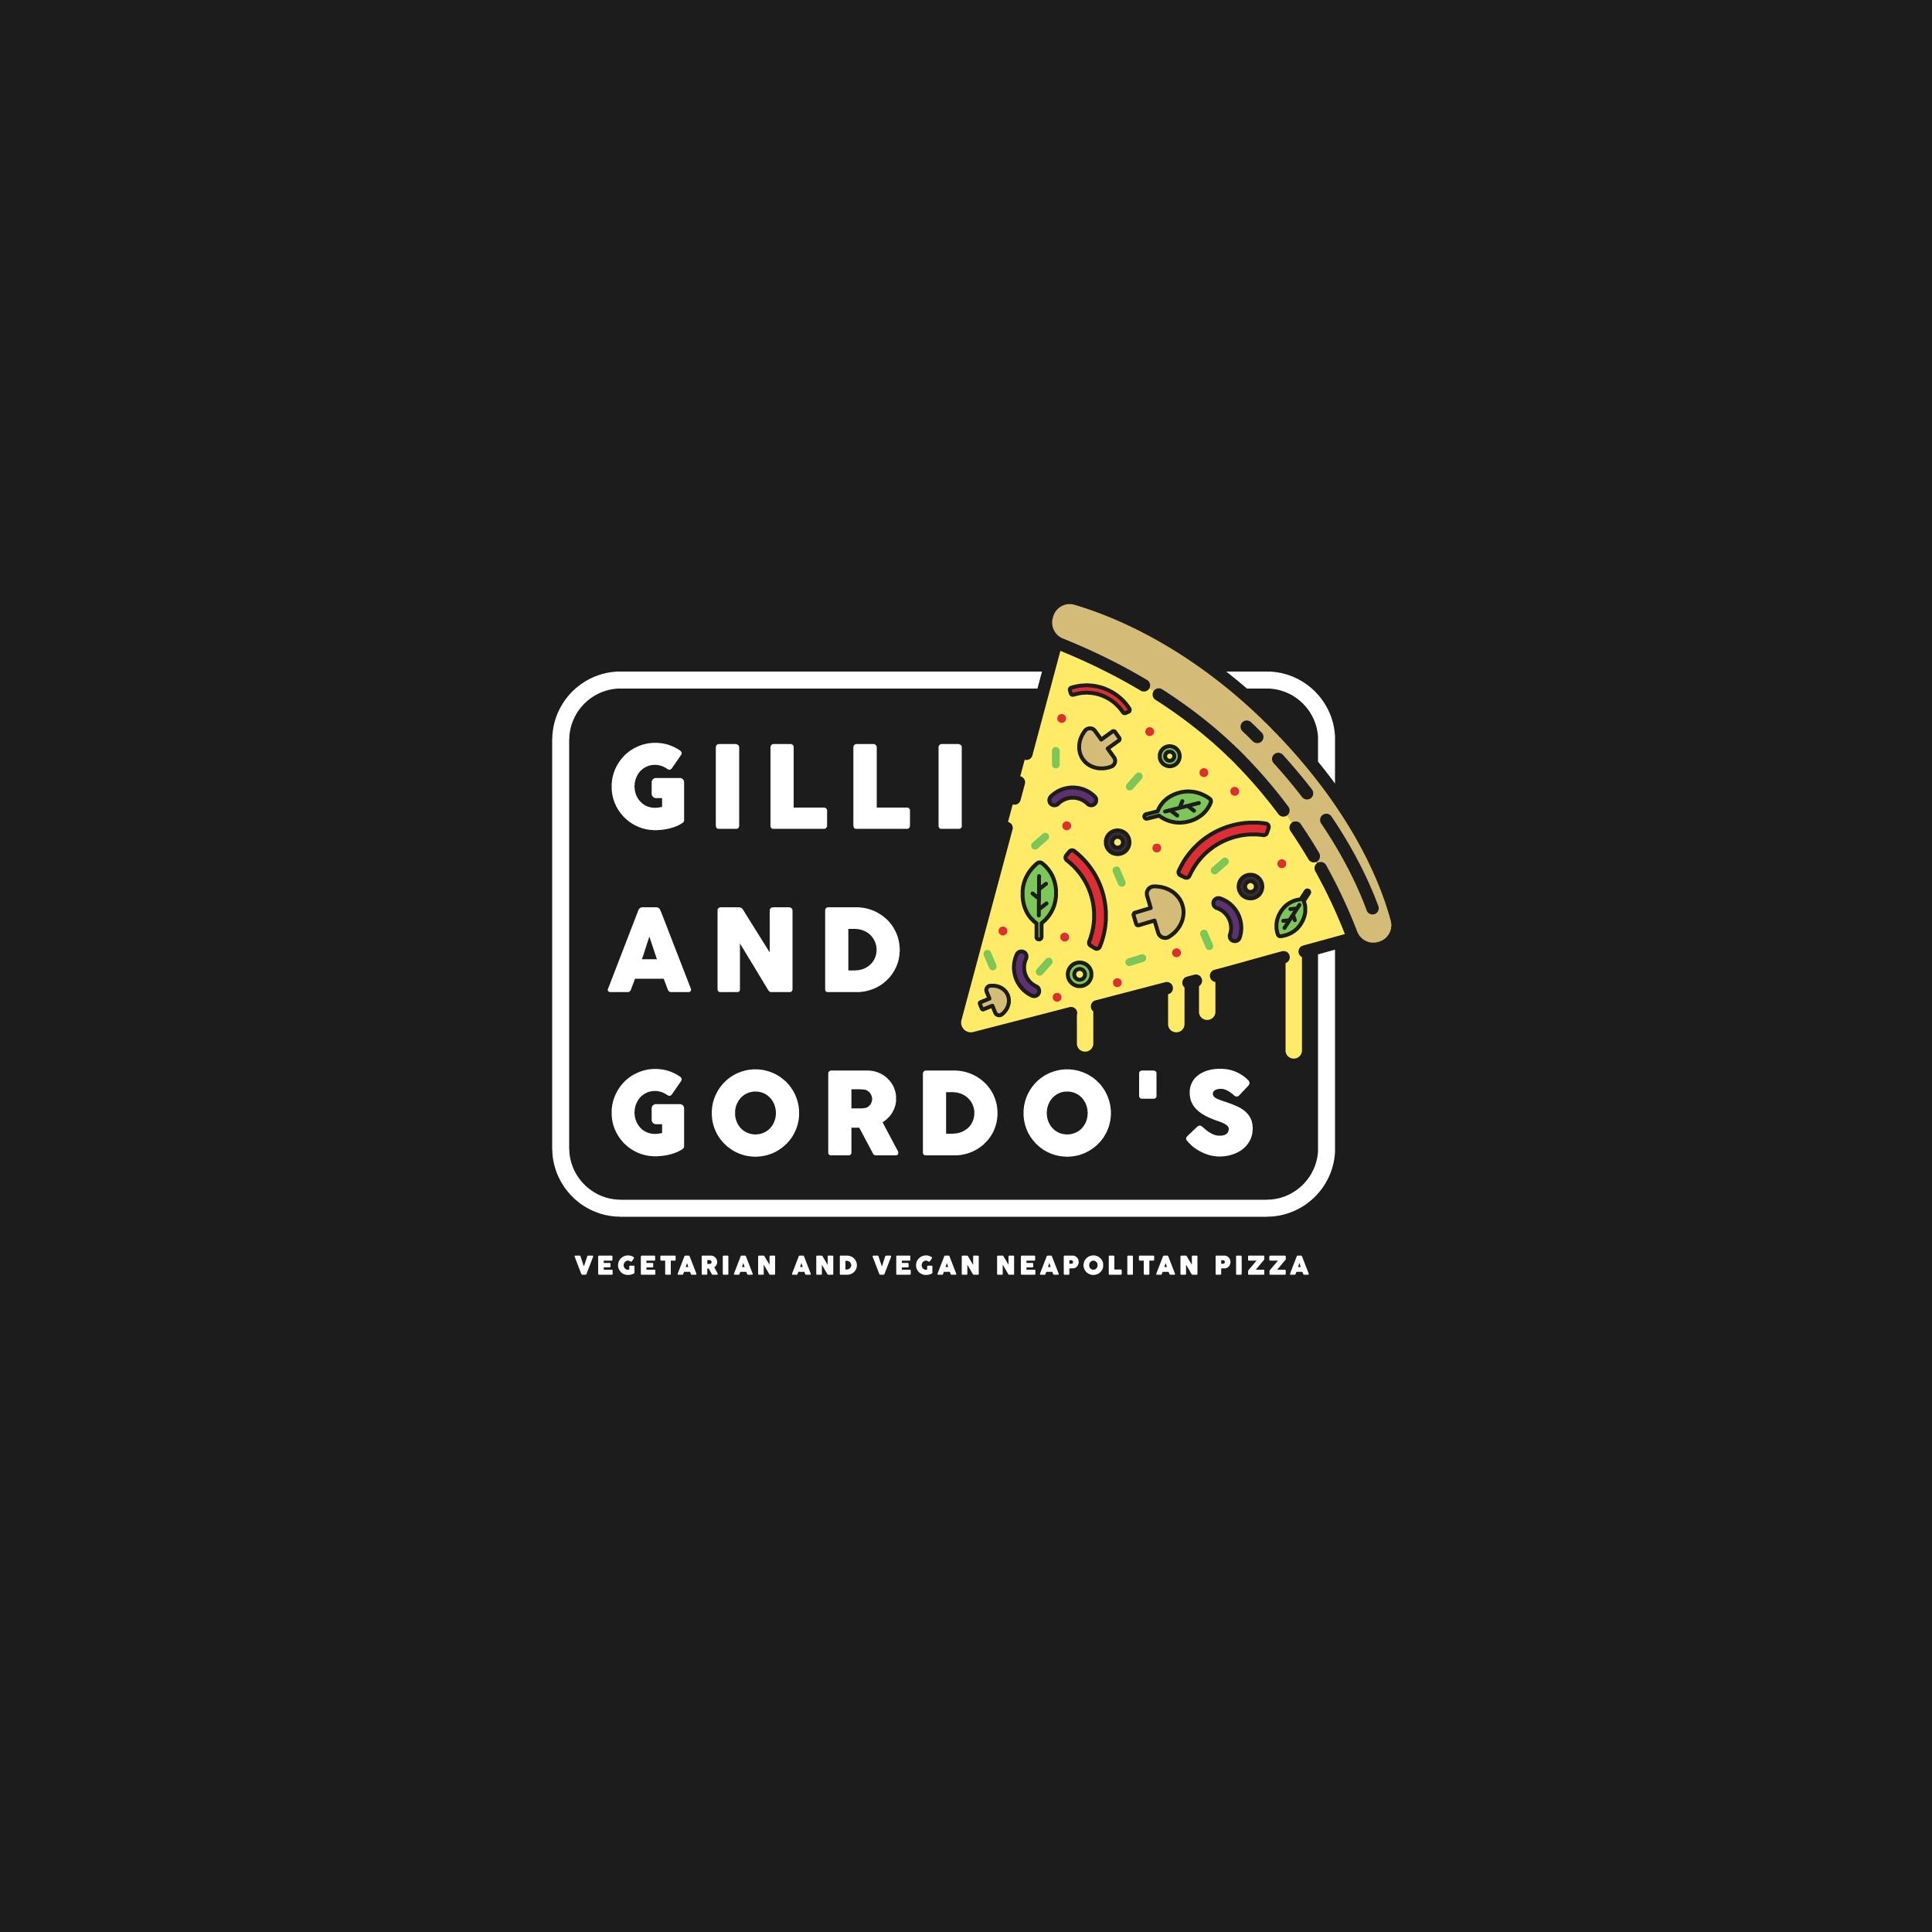 Gilli-+-Gordo's-Pizza.jpg